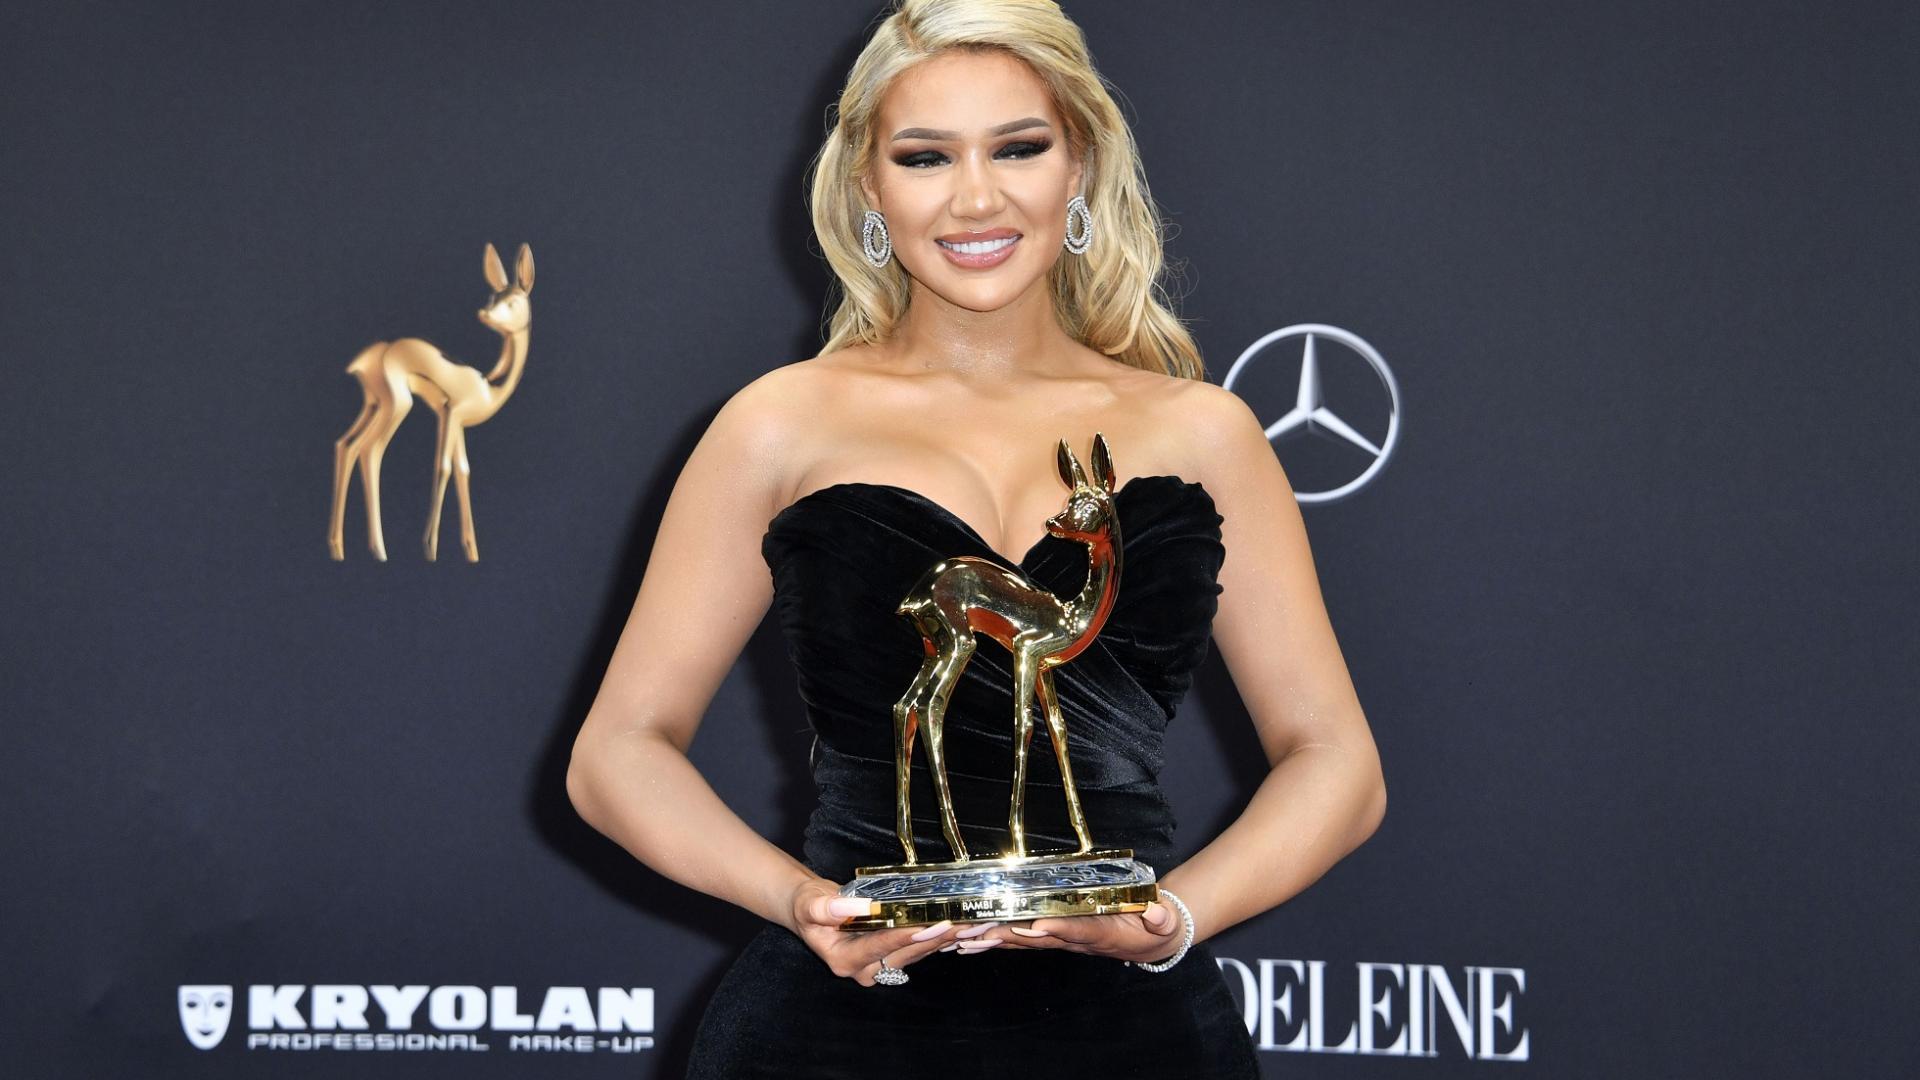 blonde Frau mit schwarzem Kleid und goldenem Bambi in der Hand